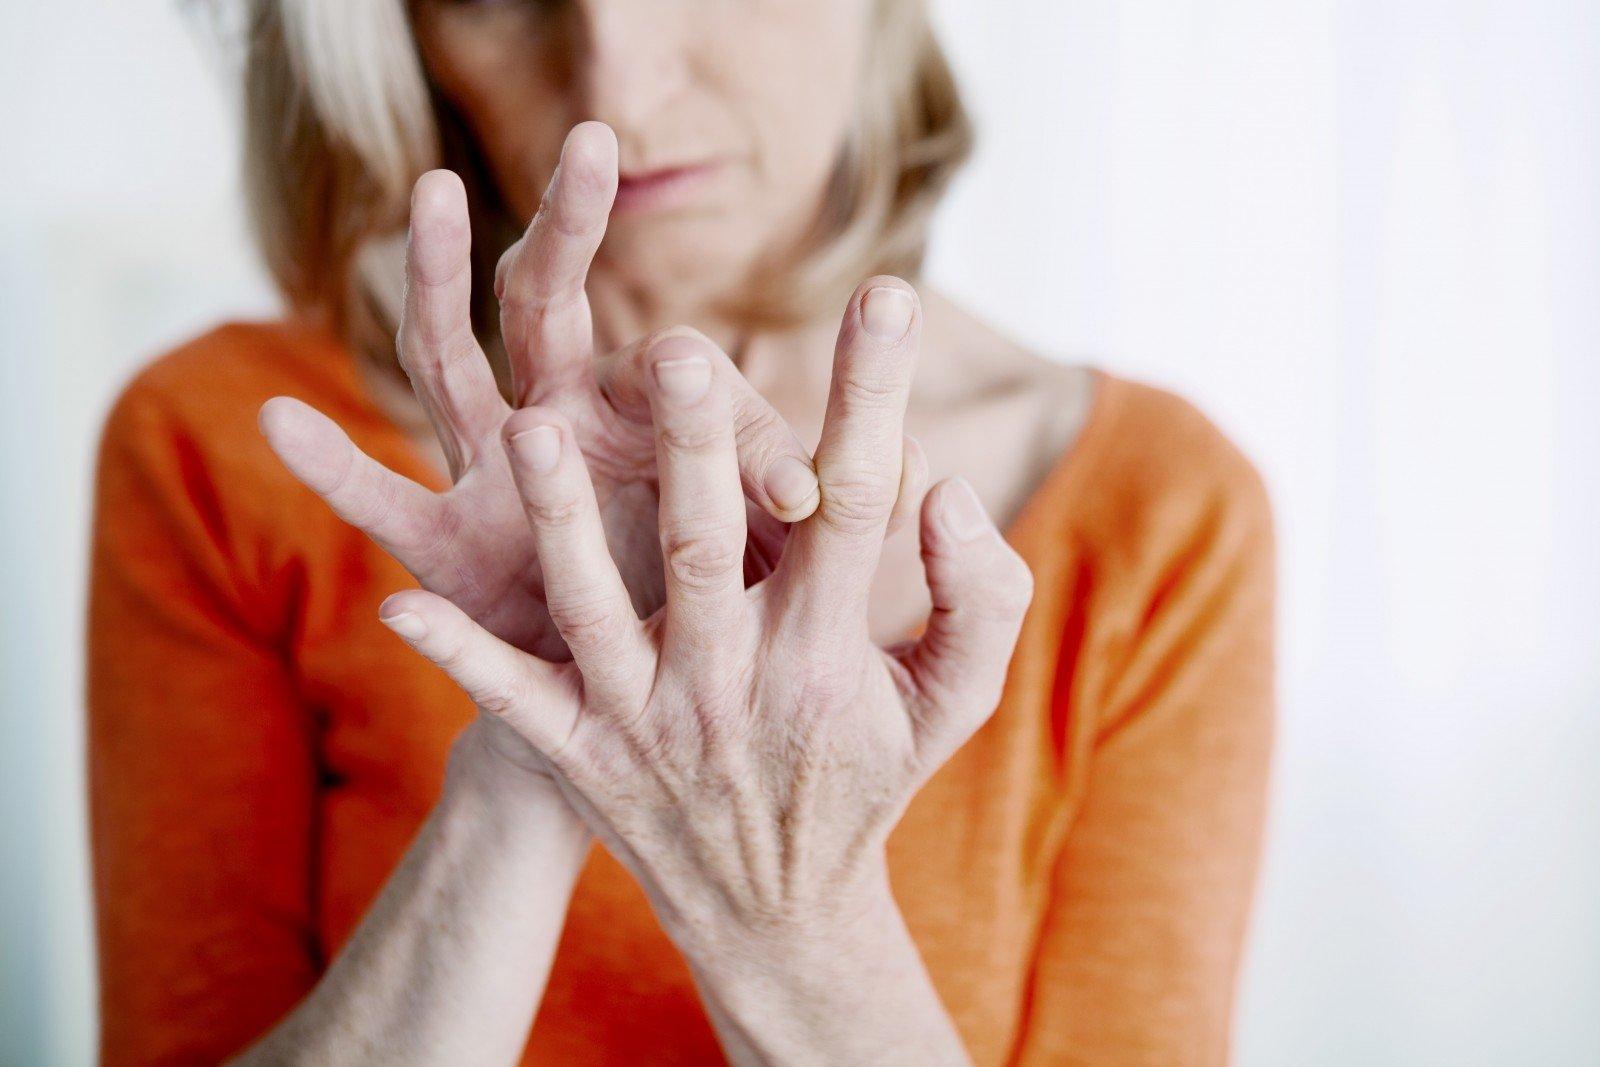 artrozė artritas stop sąnarių artrozė ir artritas pirštai